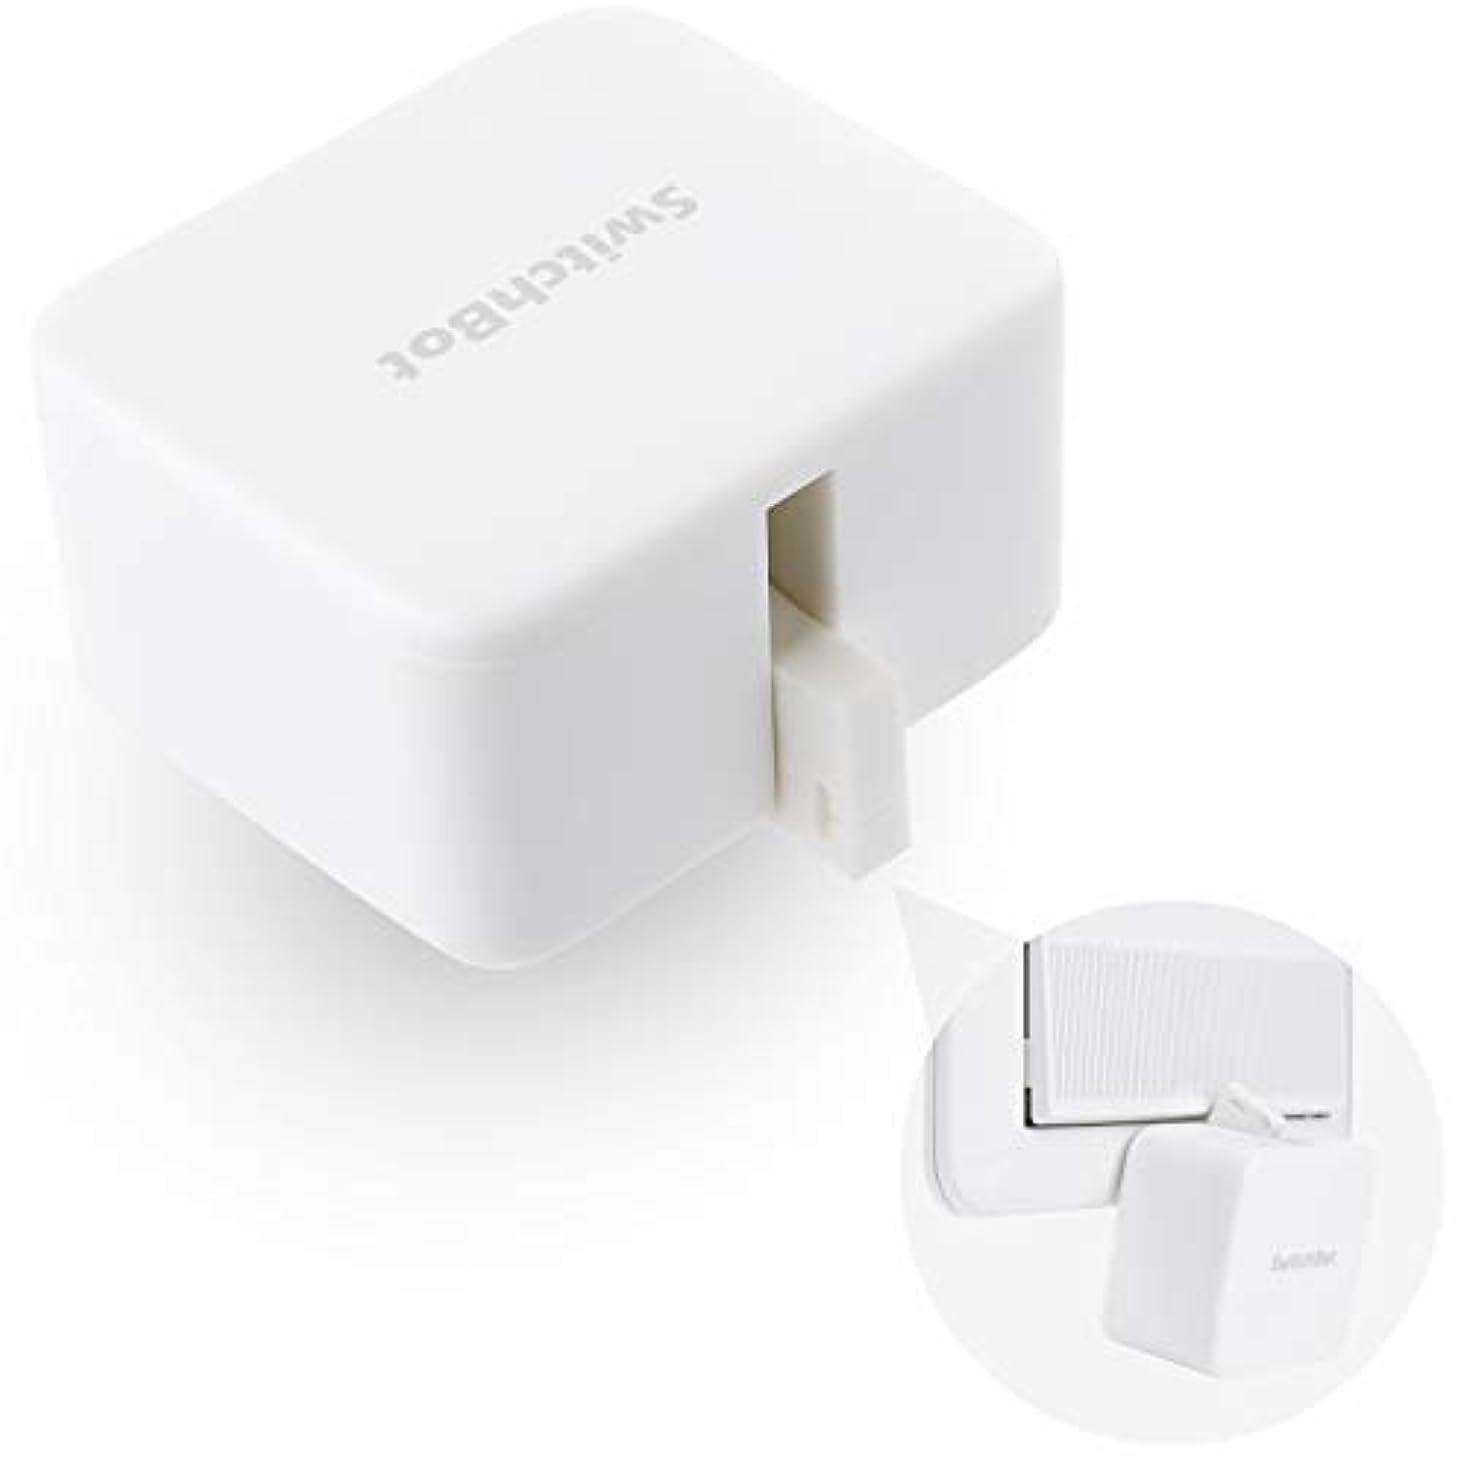 咲く販売員奇跡SwitchBot スイッチボット スイッチ ボタンに適用 指ロボット スマートホーム ワイヤレス タイマー スマホで遠隔操作 Alexa, Google Home, Siri, IFTTTなどに対応(ハブ必要)